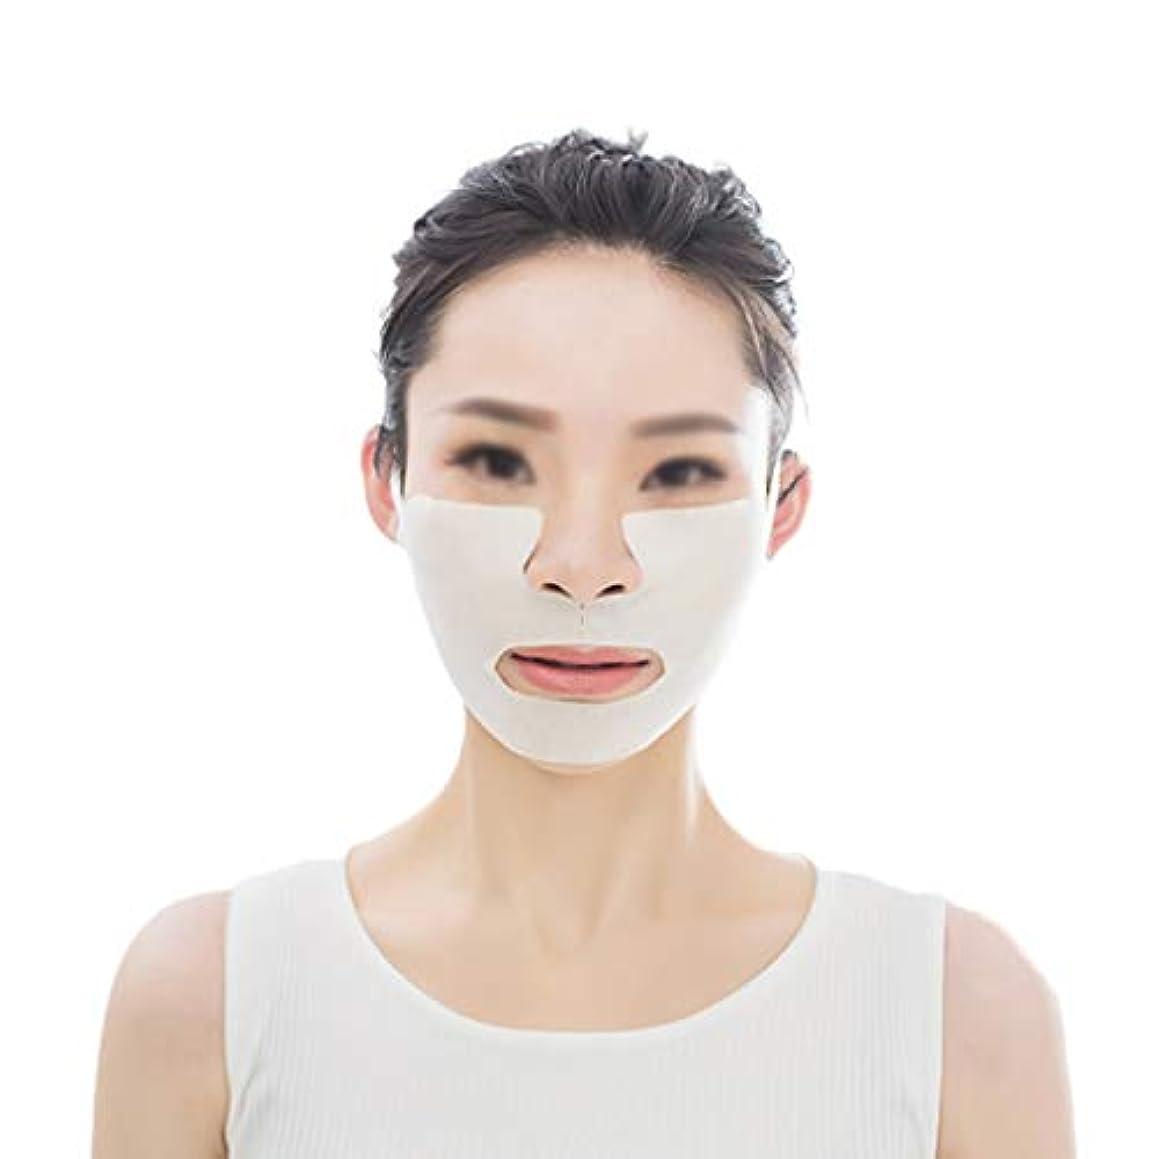 ティッシュヒロイン気候の山フェイシャルスリミング、薄いフェイスマスク、下顎咬筋のあごを改善してフェイシャルラインを形成する、5箱、フェイスマスクの3箱